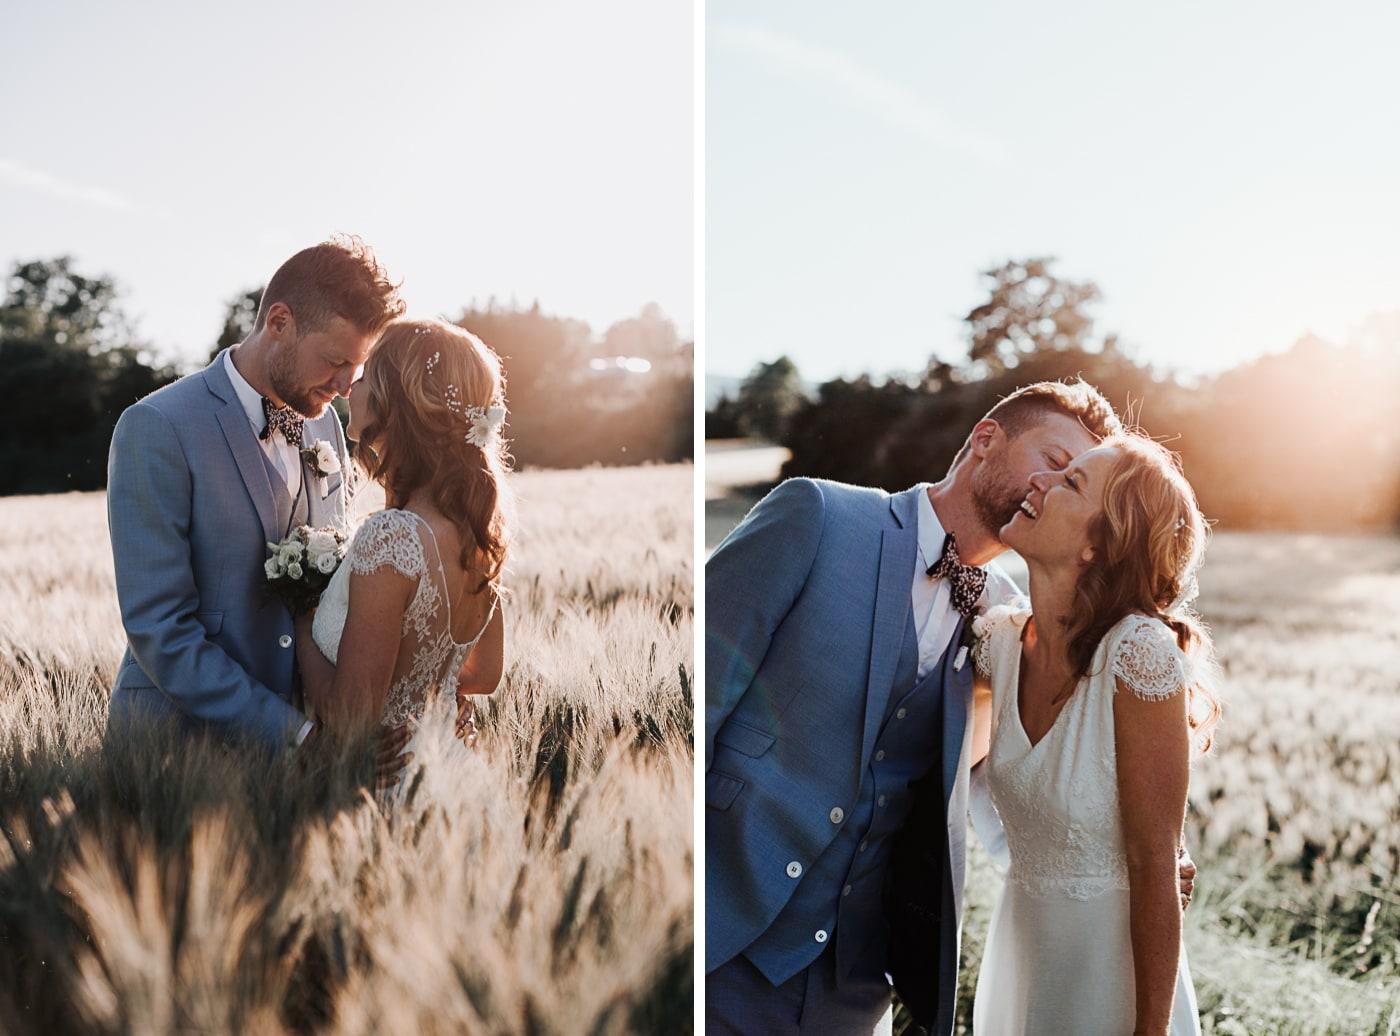 séance photo de couple de mariés modernes au chateau du Griffon-Delphine Closse